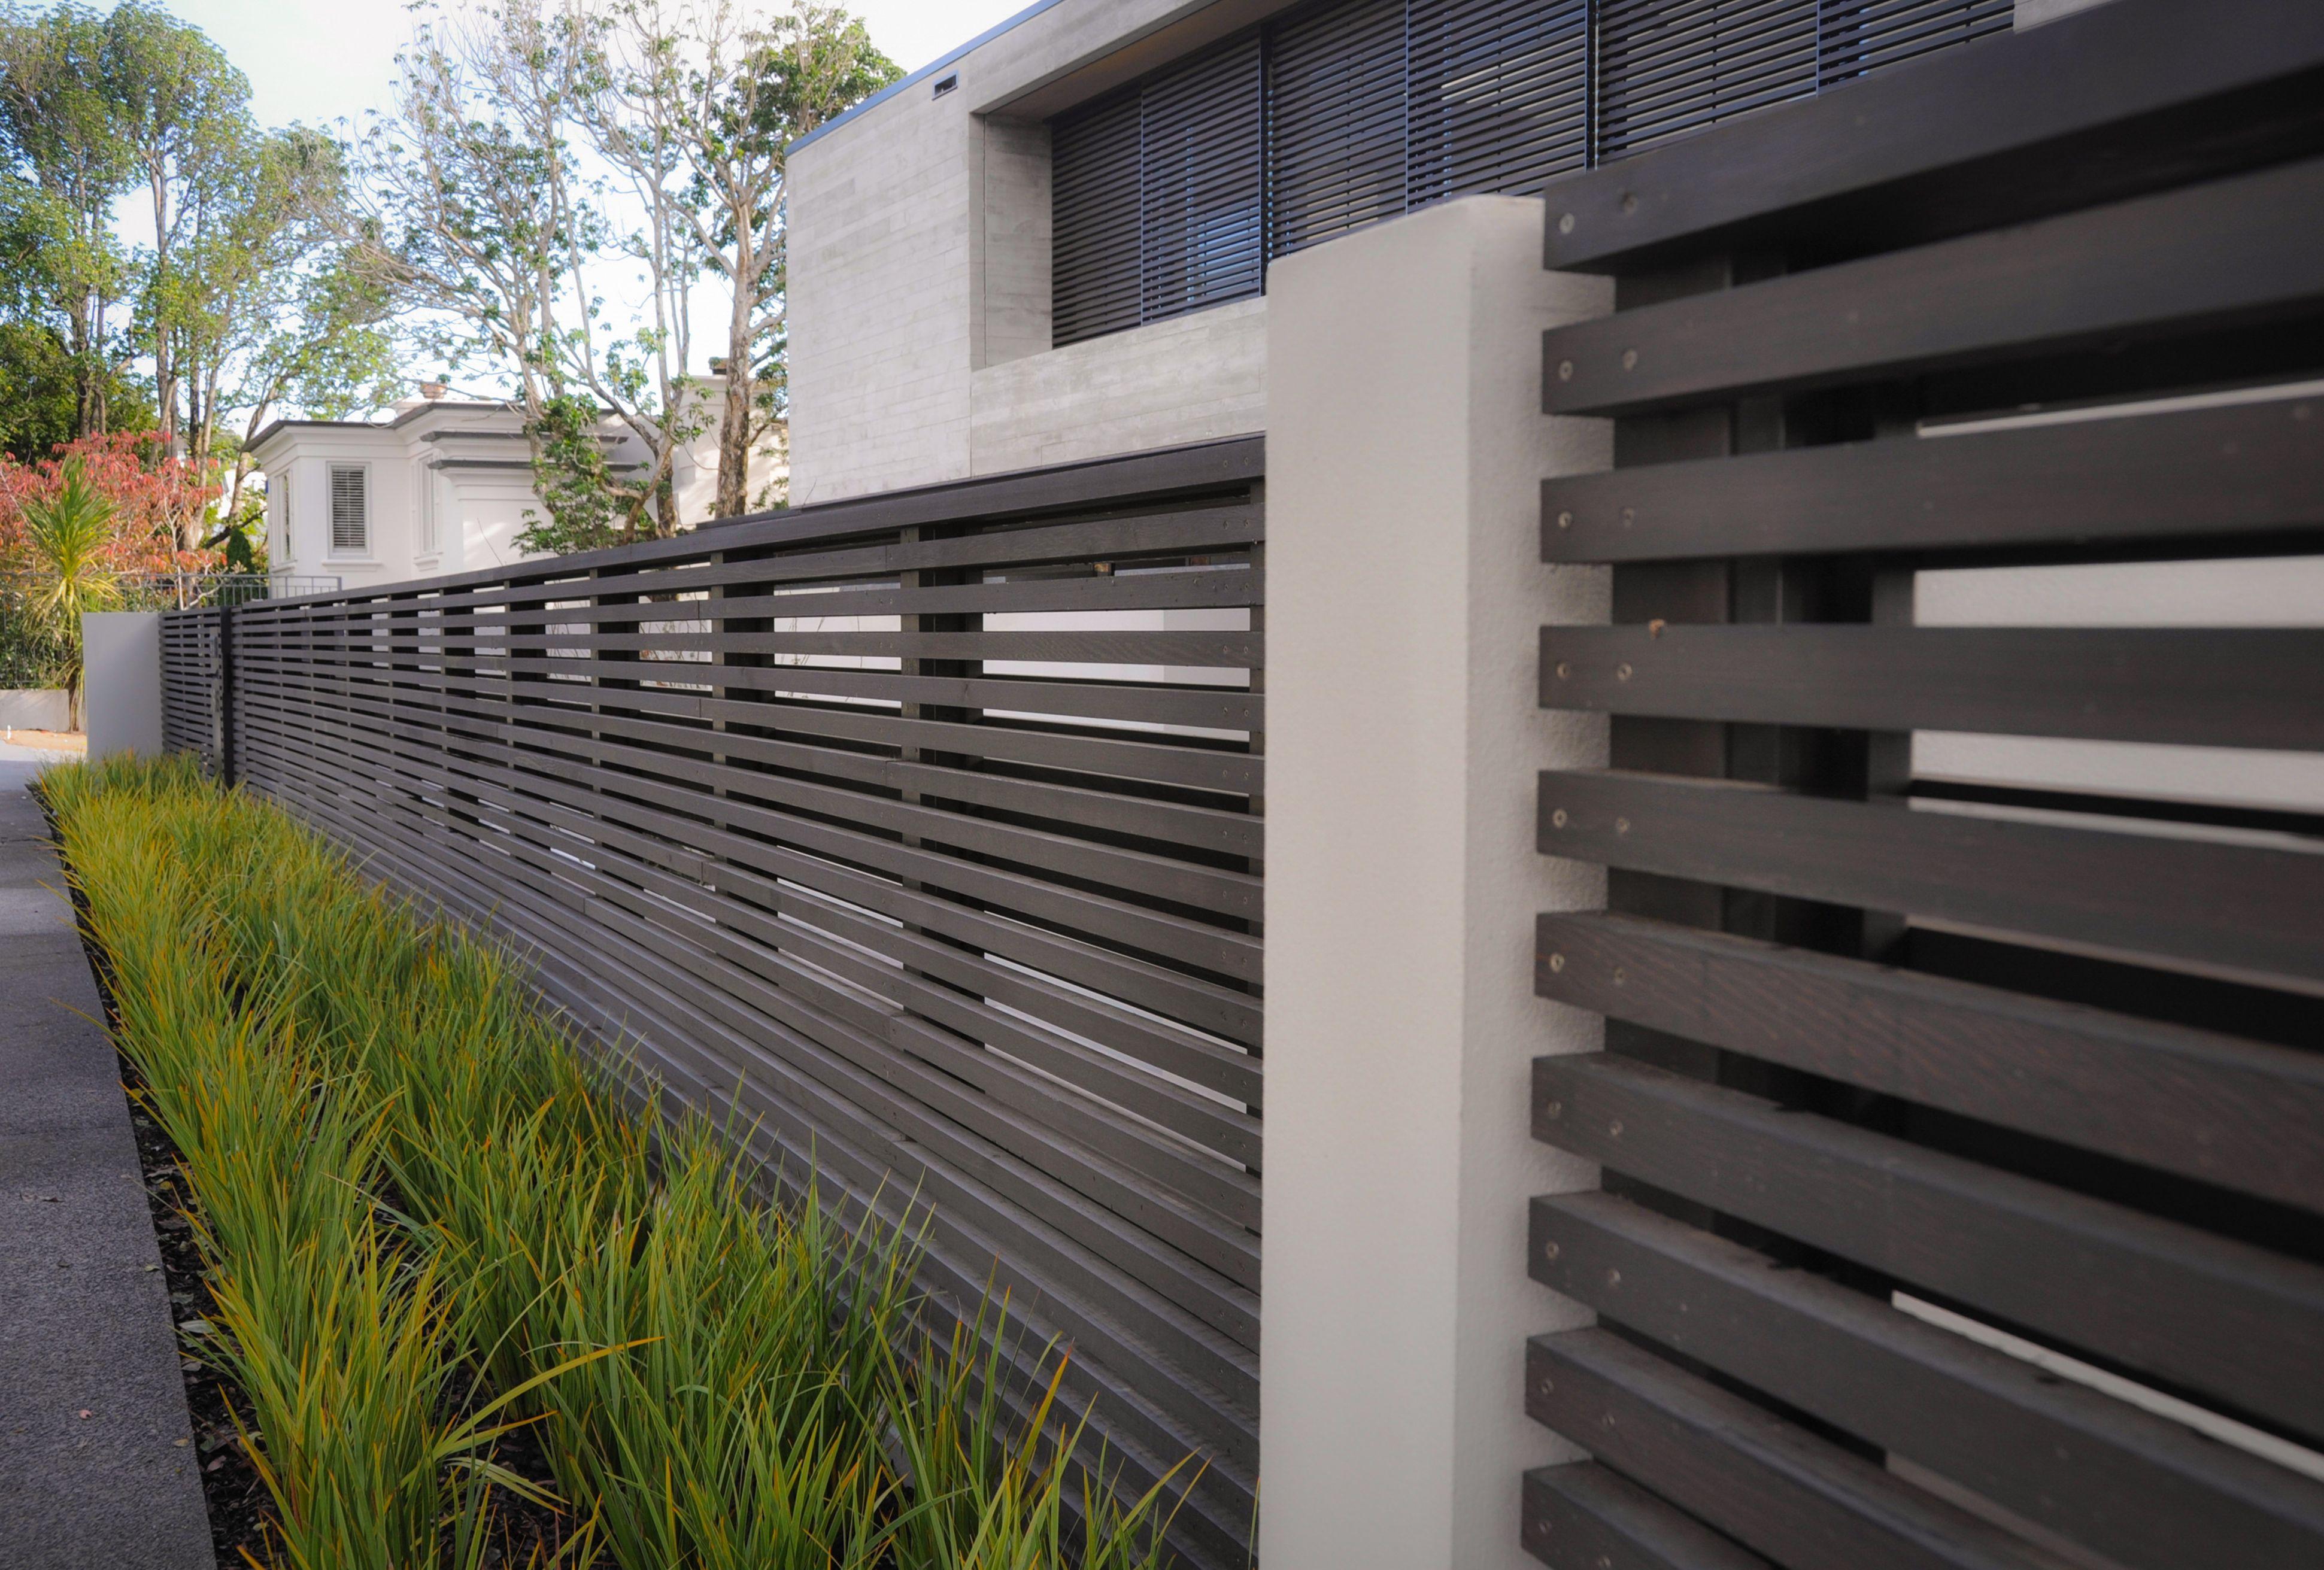 Recinzione Giardino In Ferro 20 wonderfull modern fences ideas for your home (con